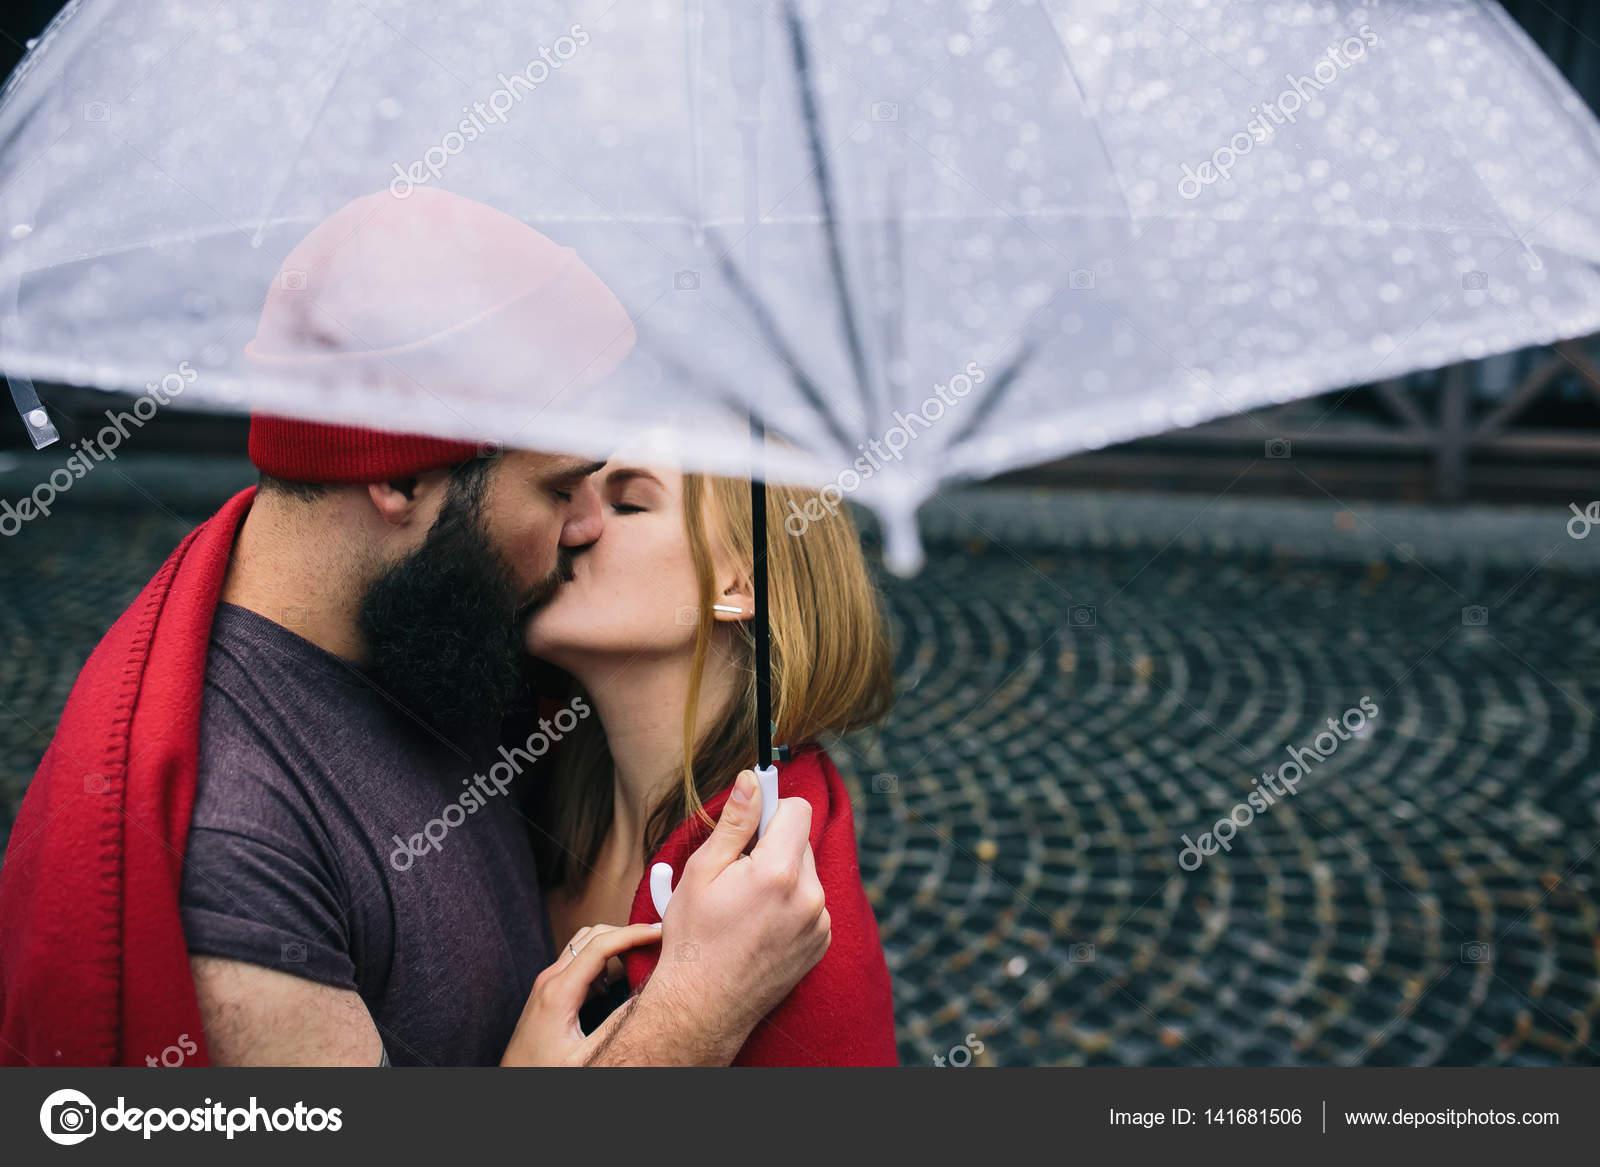 αρσενικό μάγισσα dating Νότιγχαμ